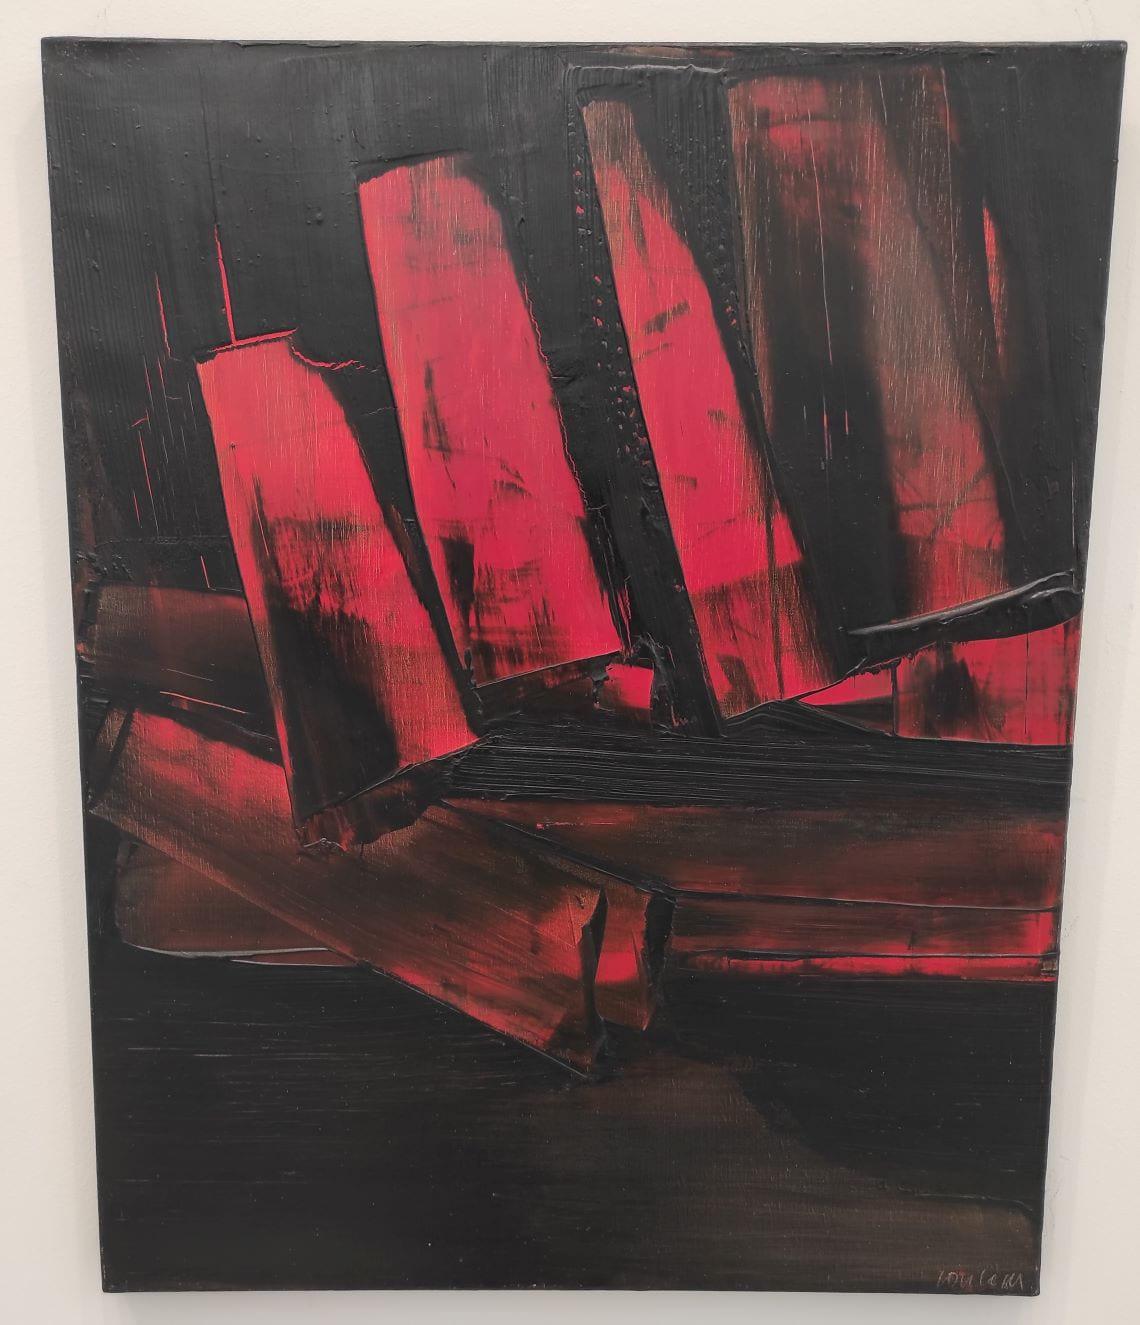 Pierre Soulages, Montpellier et le Musée Fabre - raclage rouge